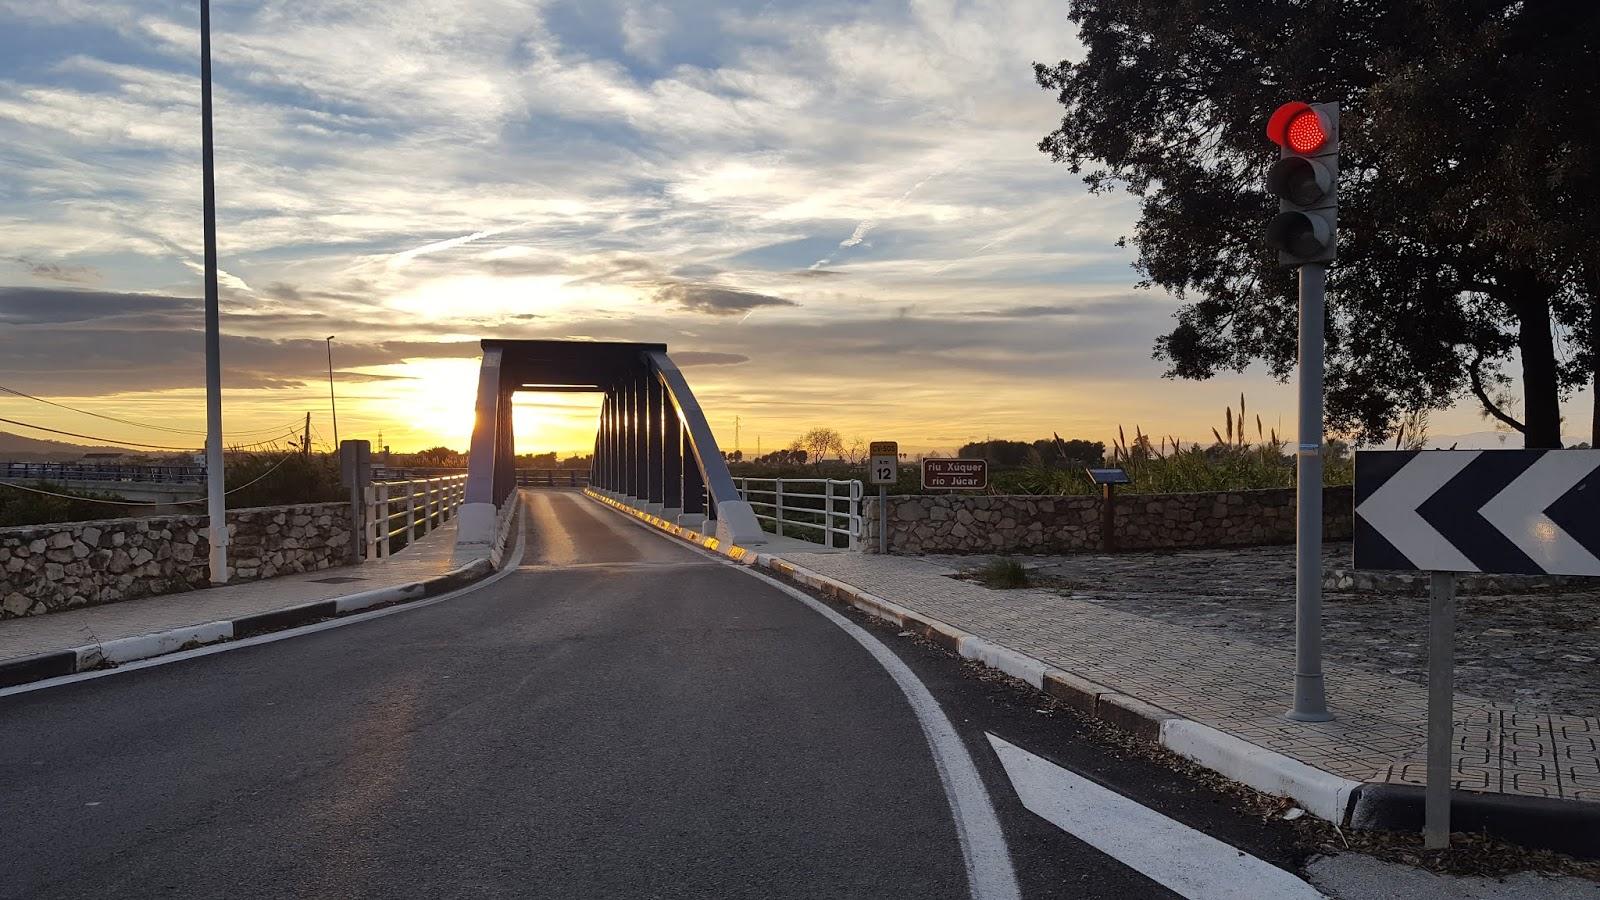 Iron bridge over the River Júcar at Riola, Valencia